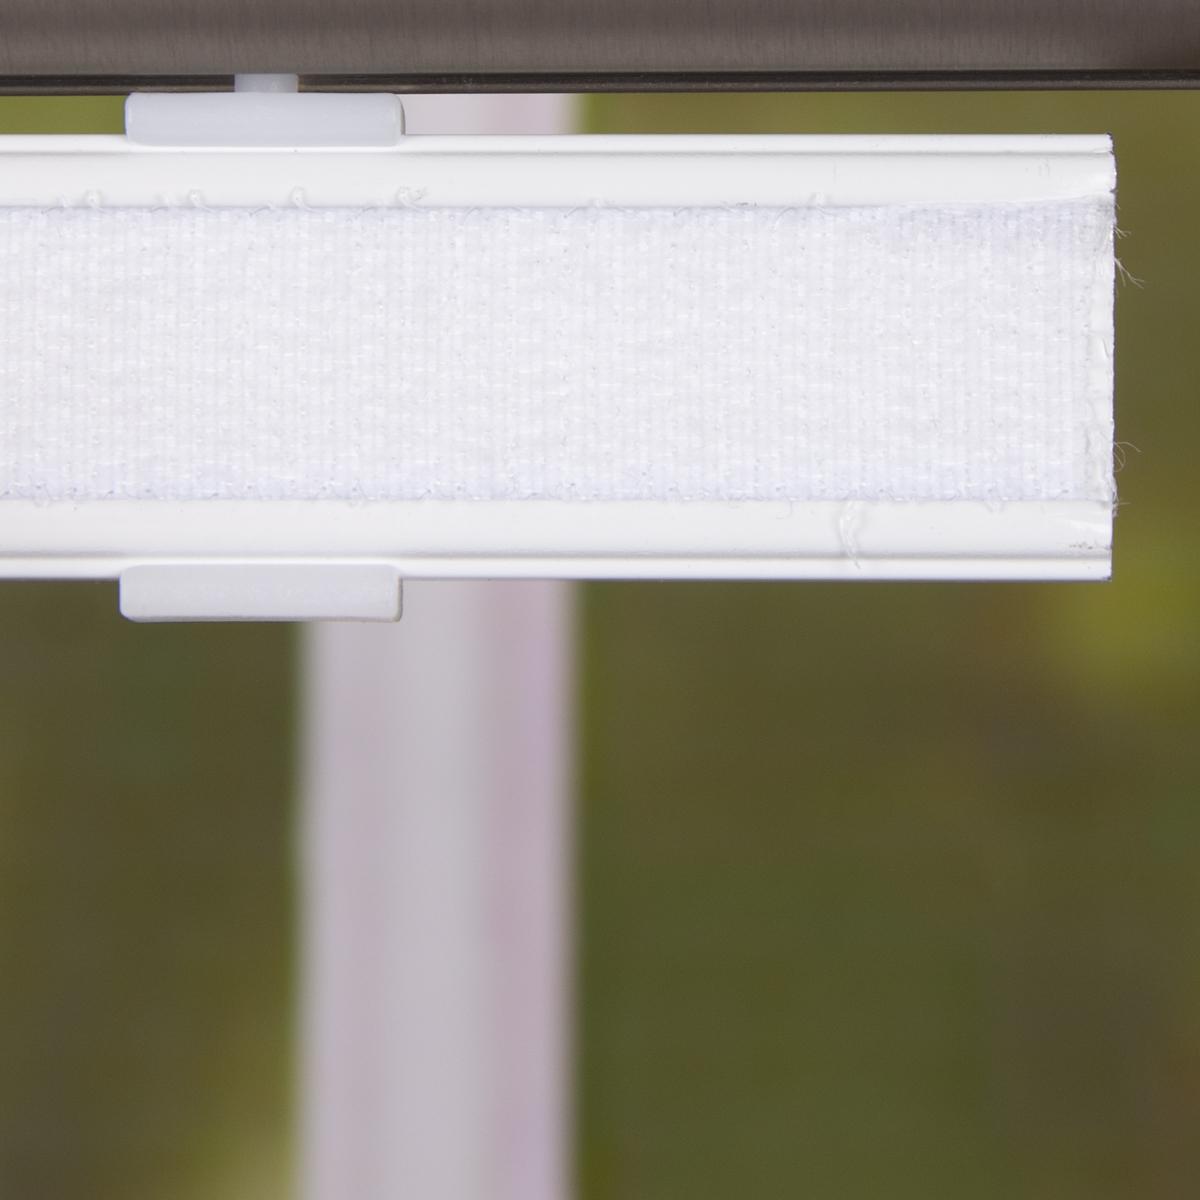 schiebevorhang leinenoptik scherli effektstreifen wei grau schwarz 245x60cm gardinen. Black Bedroom Furniture Sets. Home Design Ideas